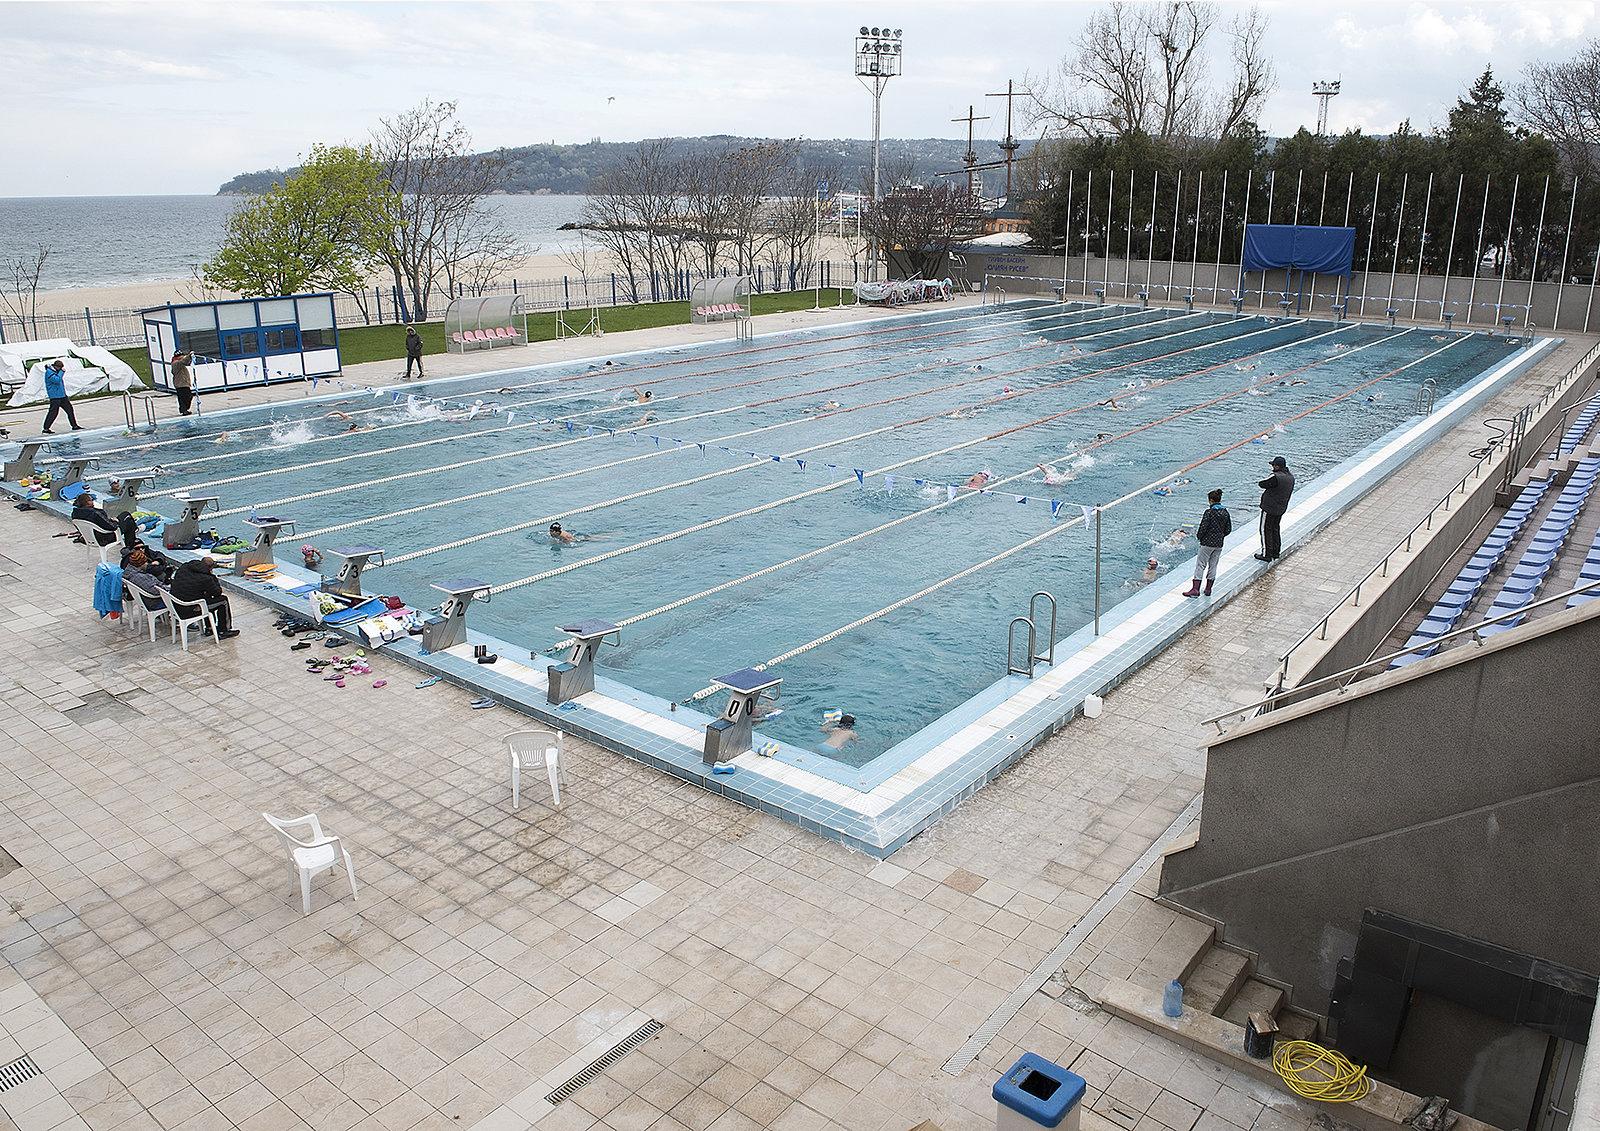 Primorski Swimming Complex